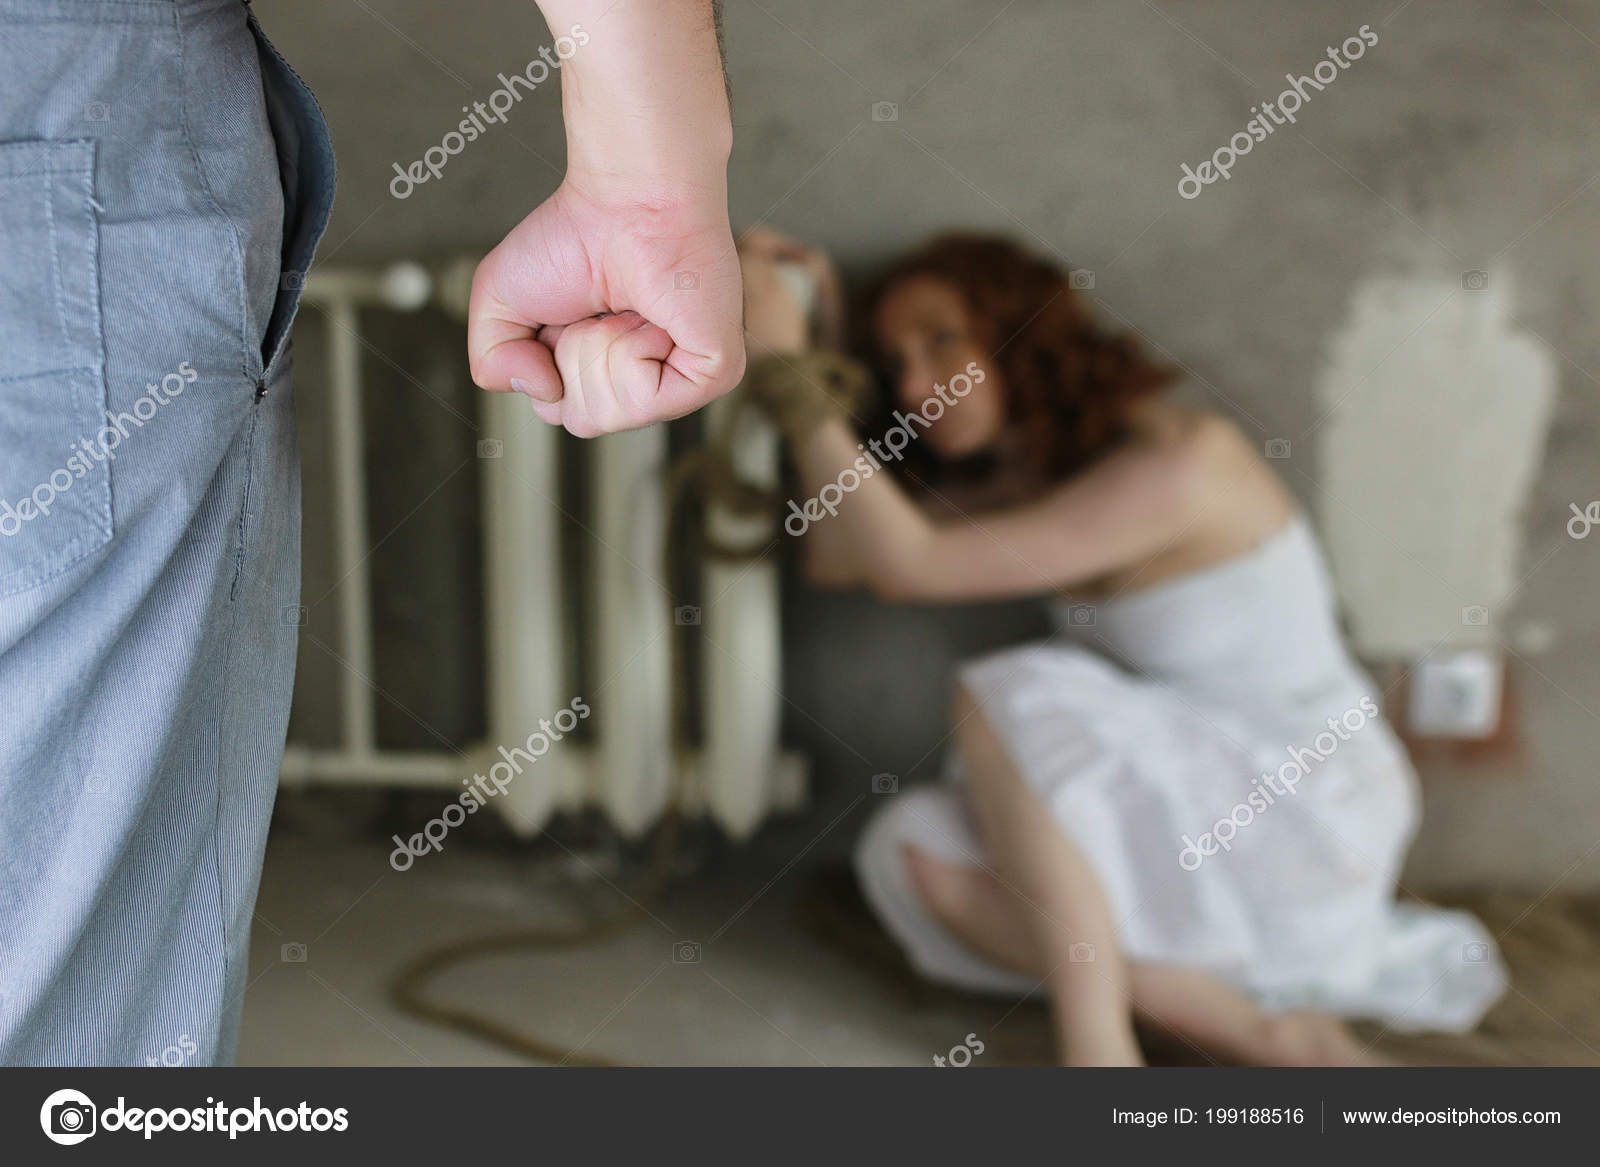 Фото как издеваются над девушками, Секс издевательства над пленными голыми девушками 24 фотография